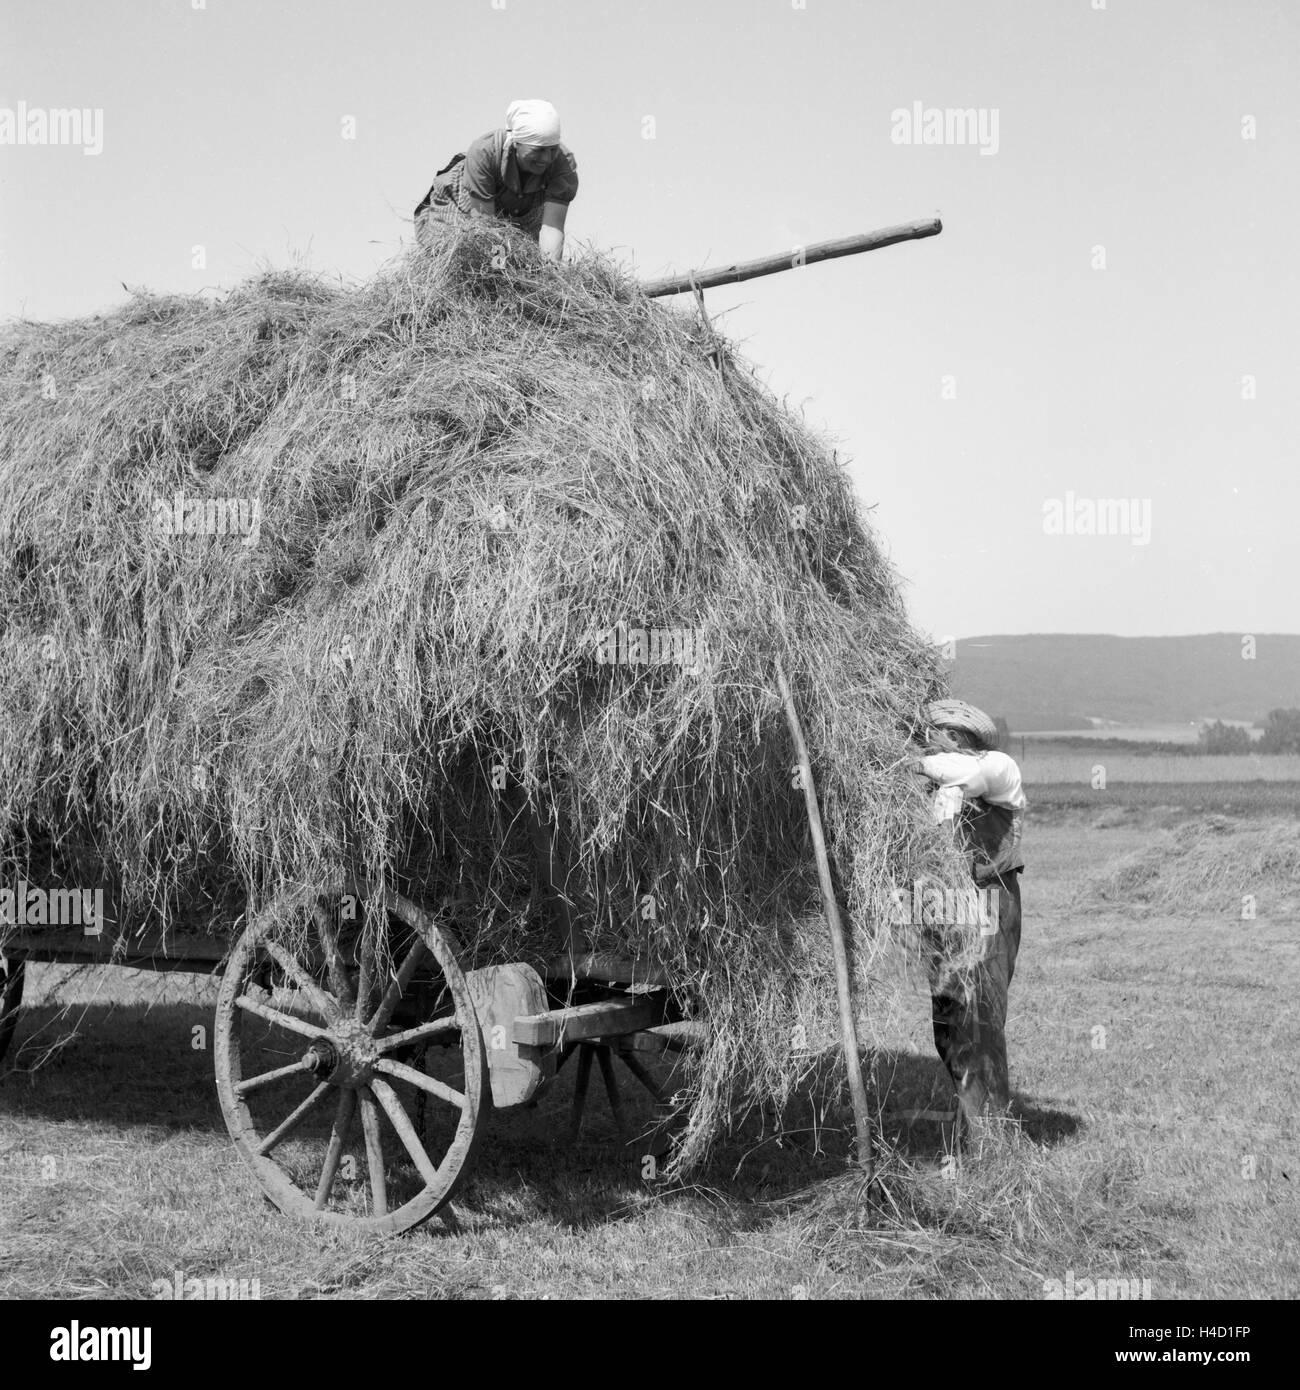 Bauern Bei der Heuernte in Westfalen, Deutschland, 1930er Jahre. Bauern Heuernte am Wesfalia, Deutschland der 1930er Stockbild